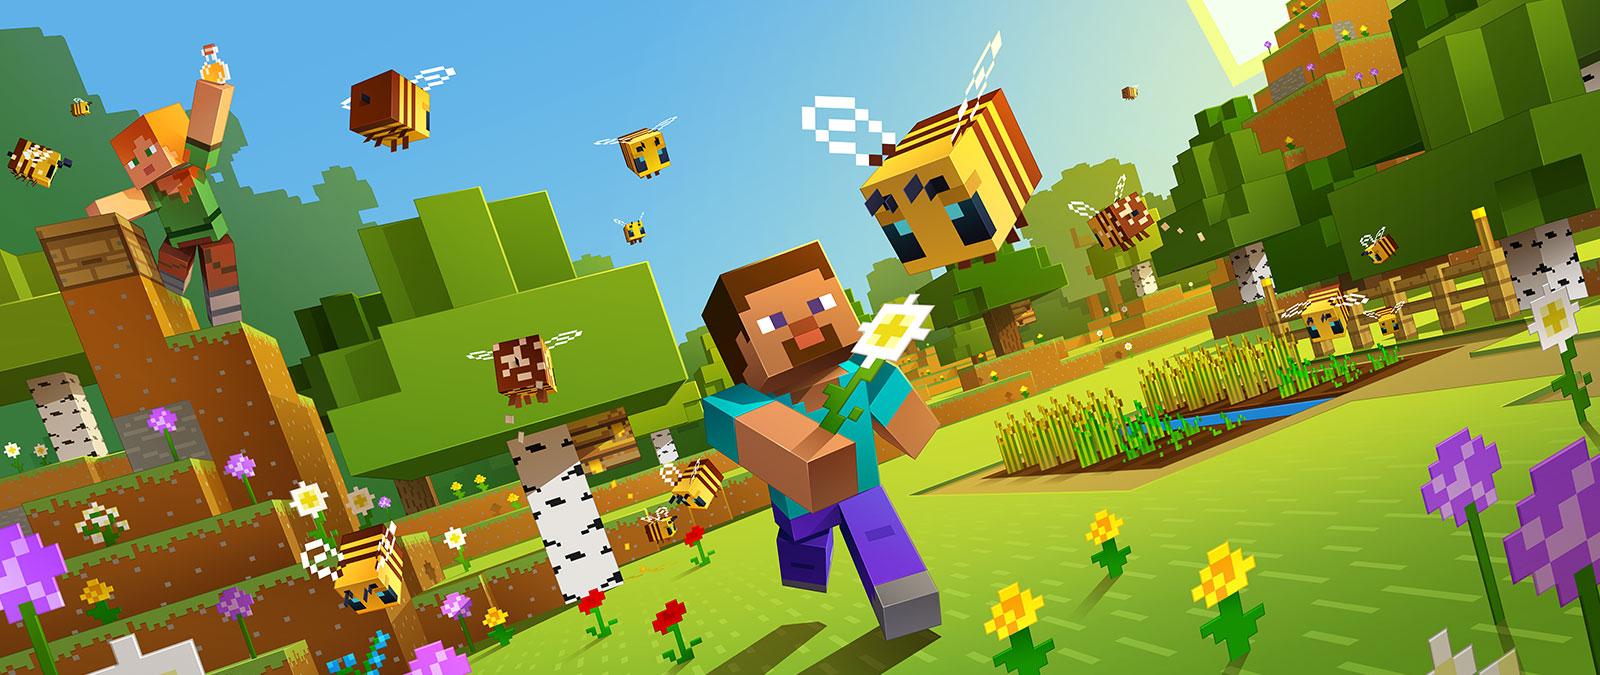 Minecraft säger hejdå till Amazon Nu flyttas Minecraft Realms över till Microsofts egen molntjänst Azure